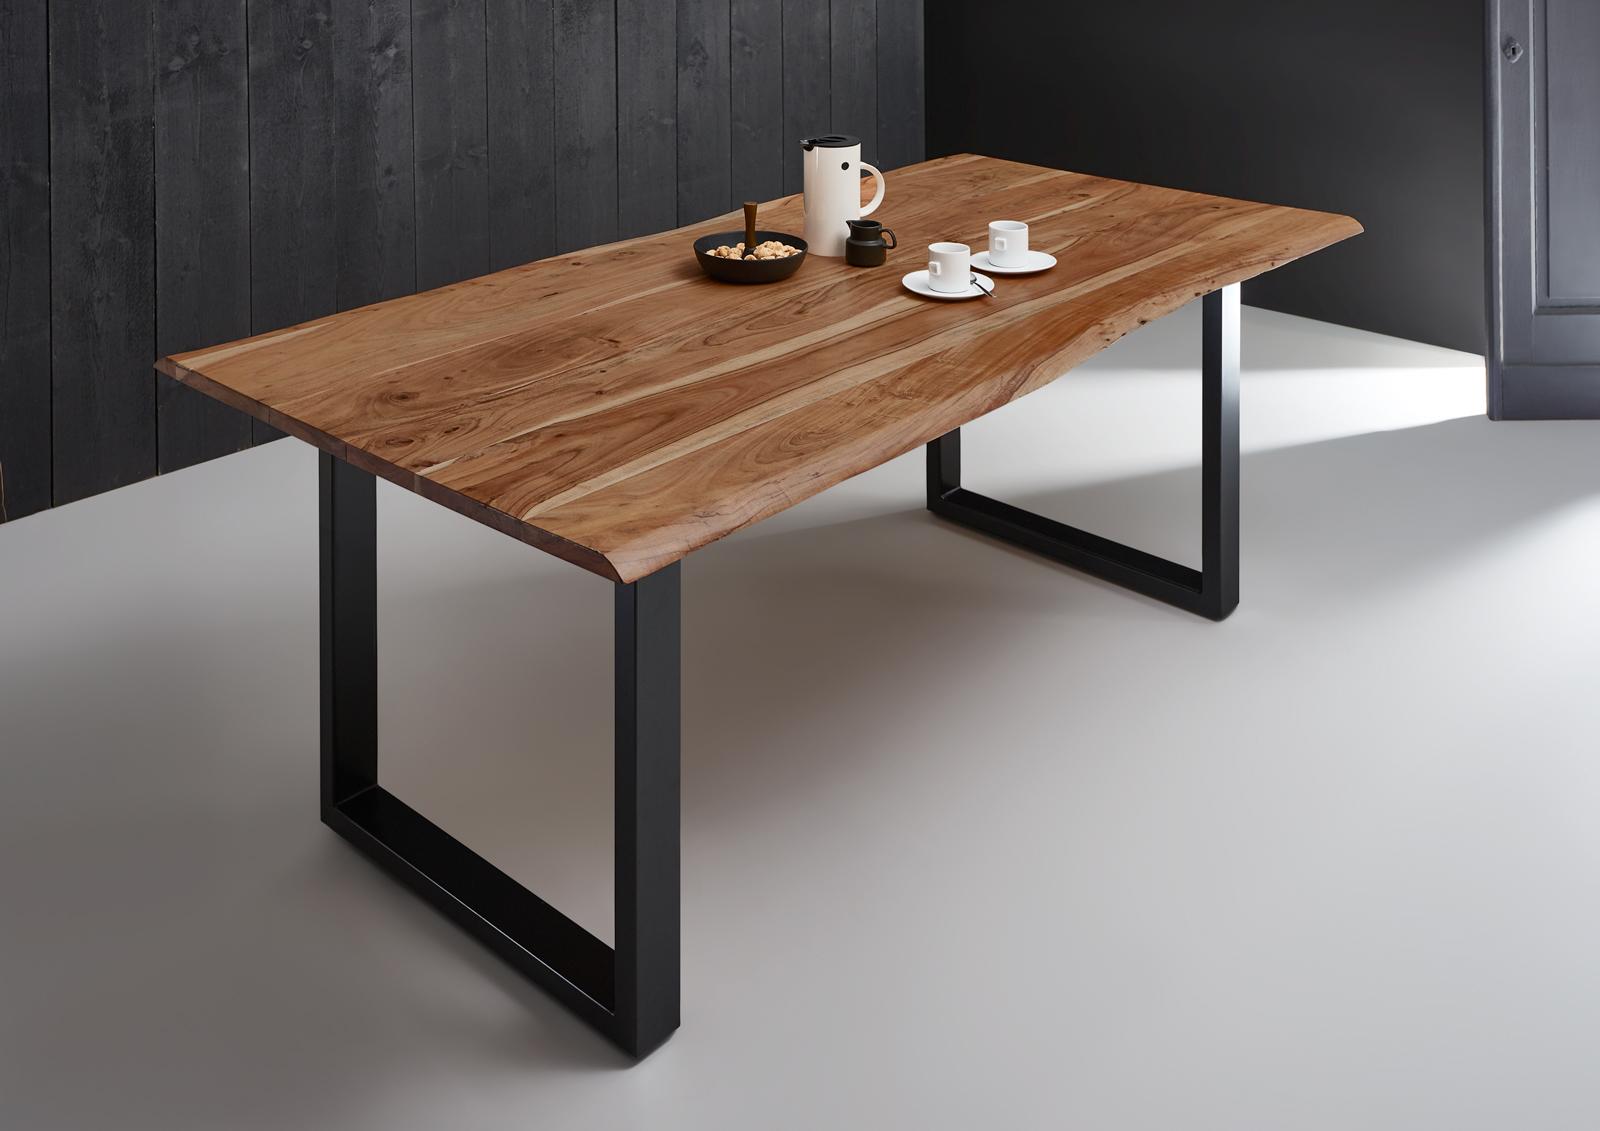 sam baumkantentisch esszimmer tisch 200 cm massiv akazie. Black Bedroom Furniture Sets. Home Design Ideas